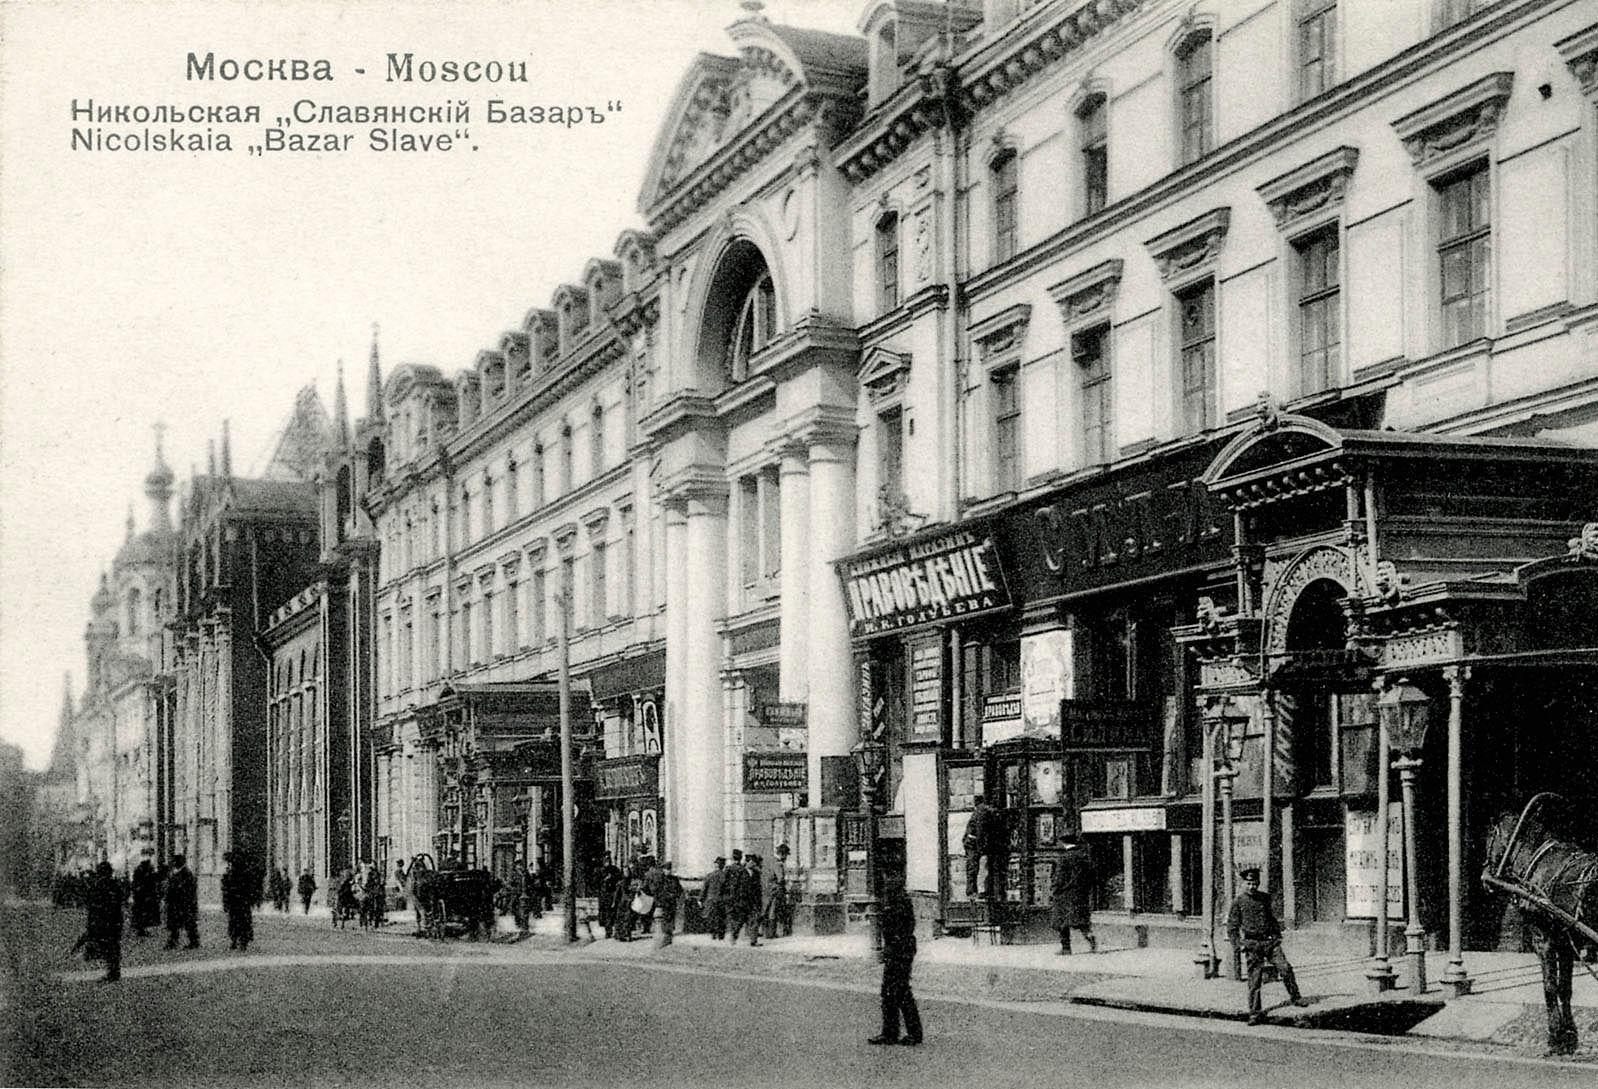 Никольская. Славянский базар